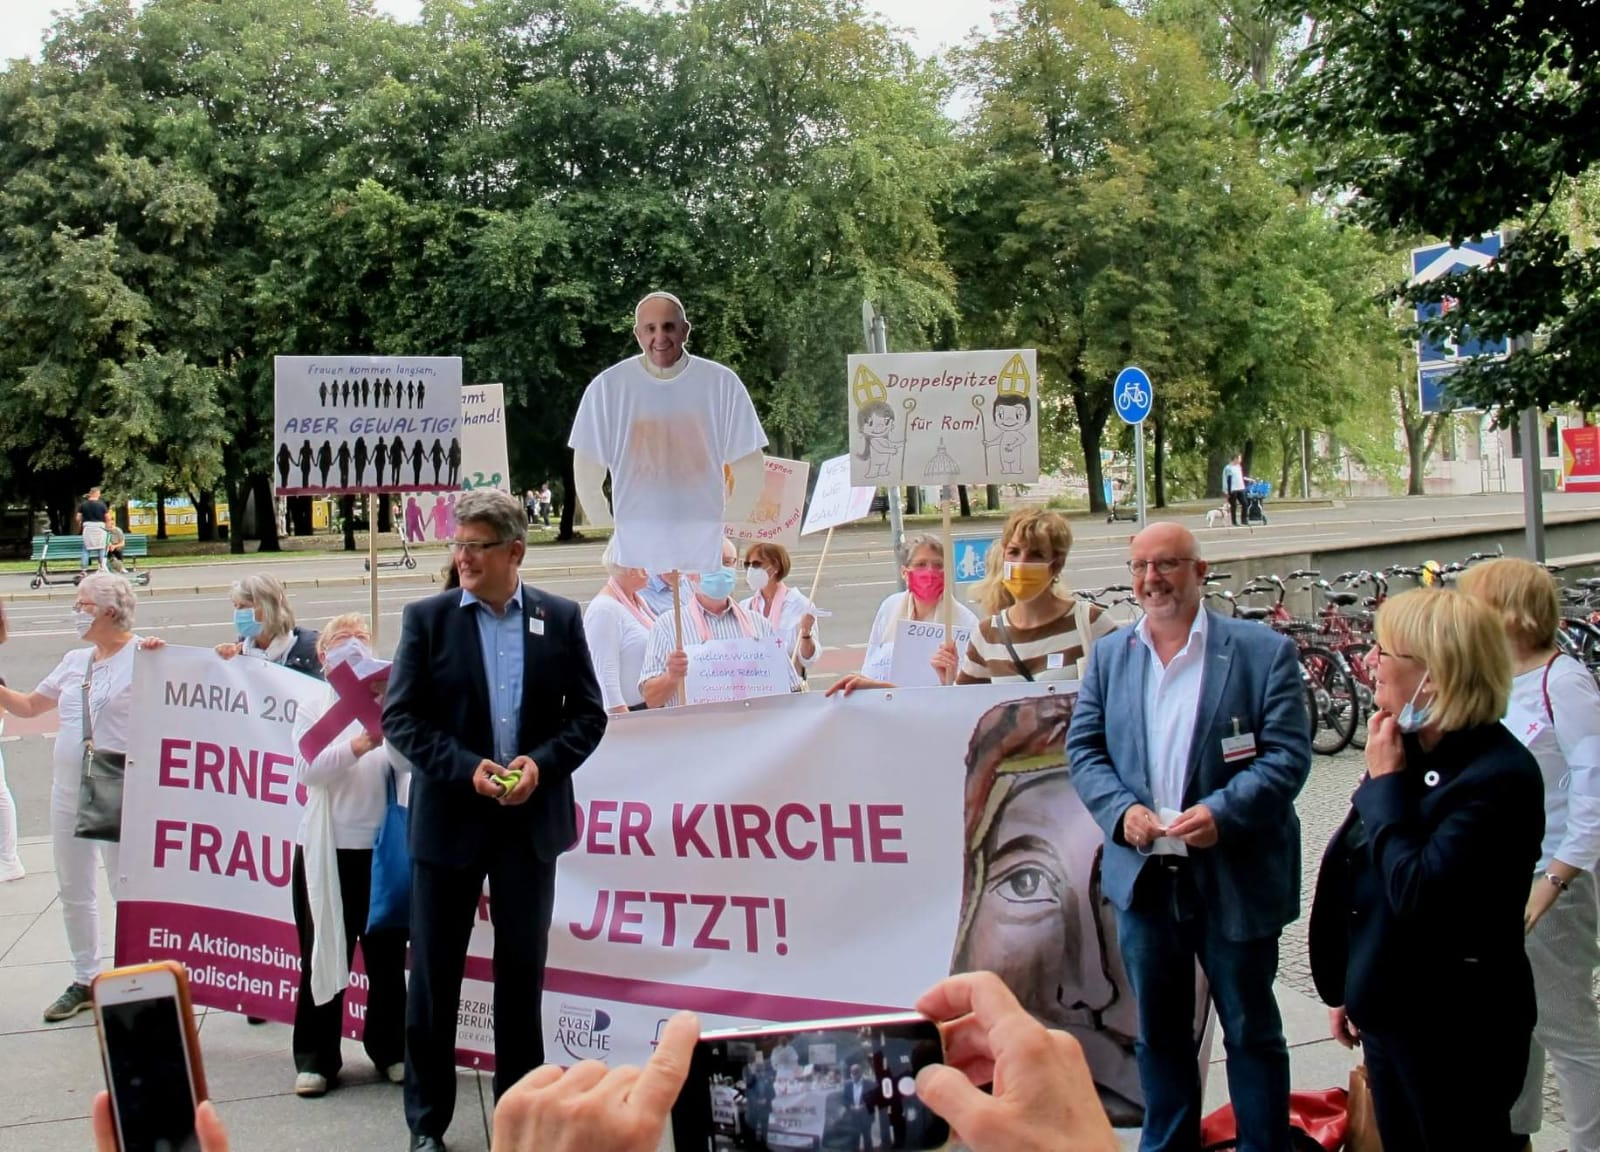 Mit Teilen des ZdK-Präsidiums Besuch bei der kfd, Maria 2.0 u.a.